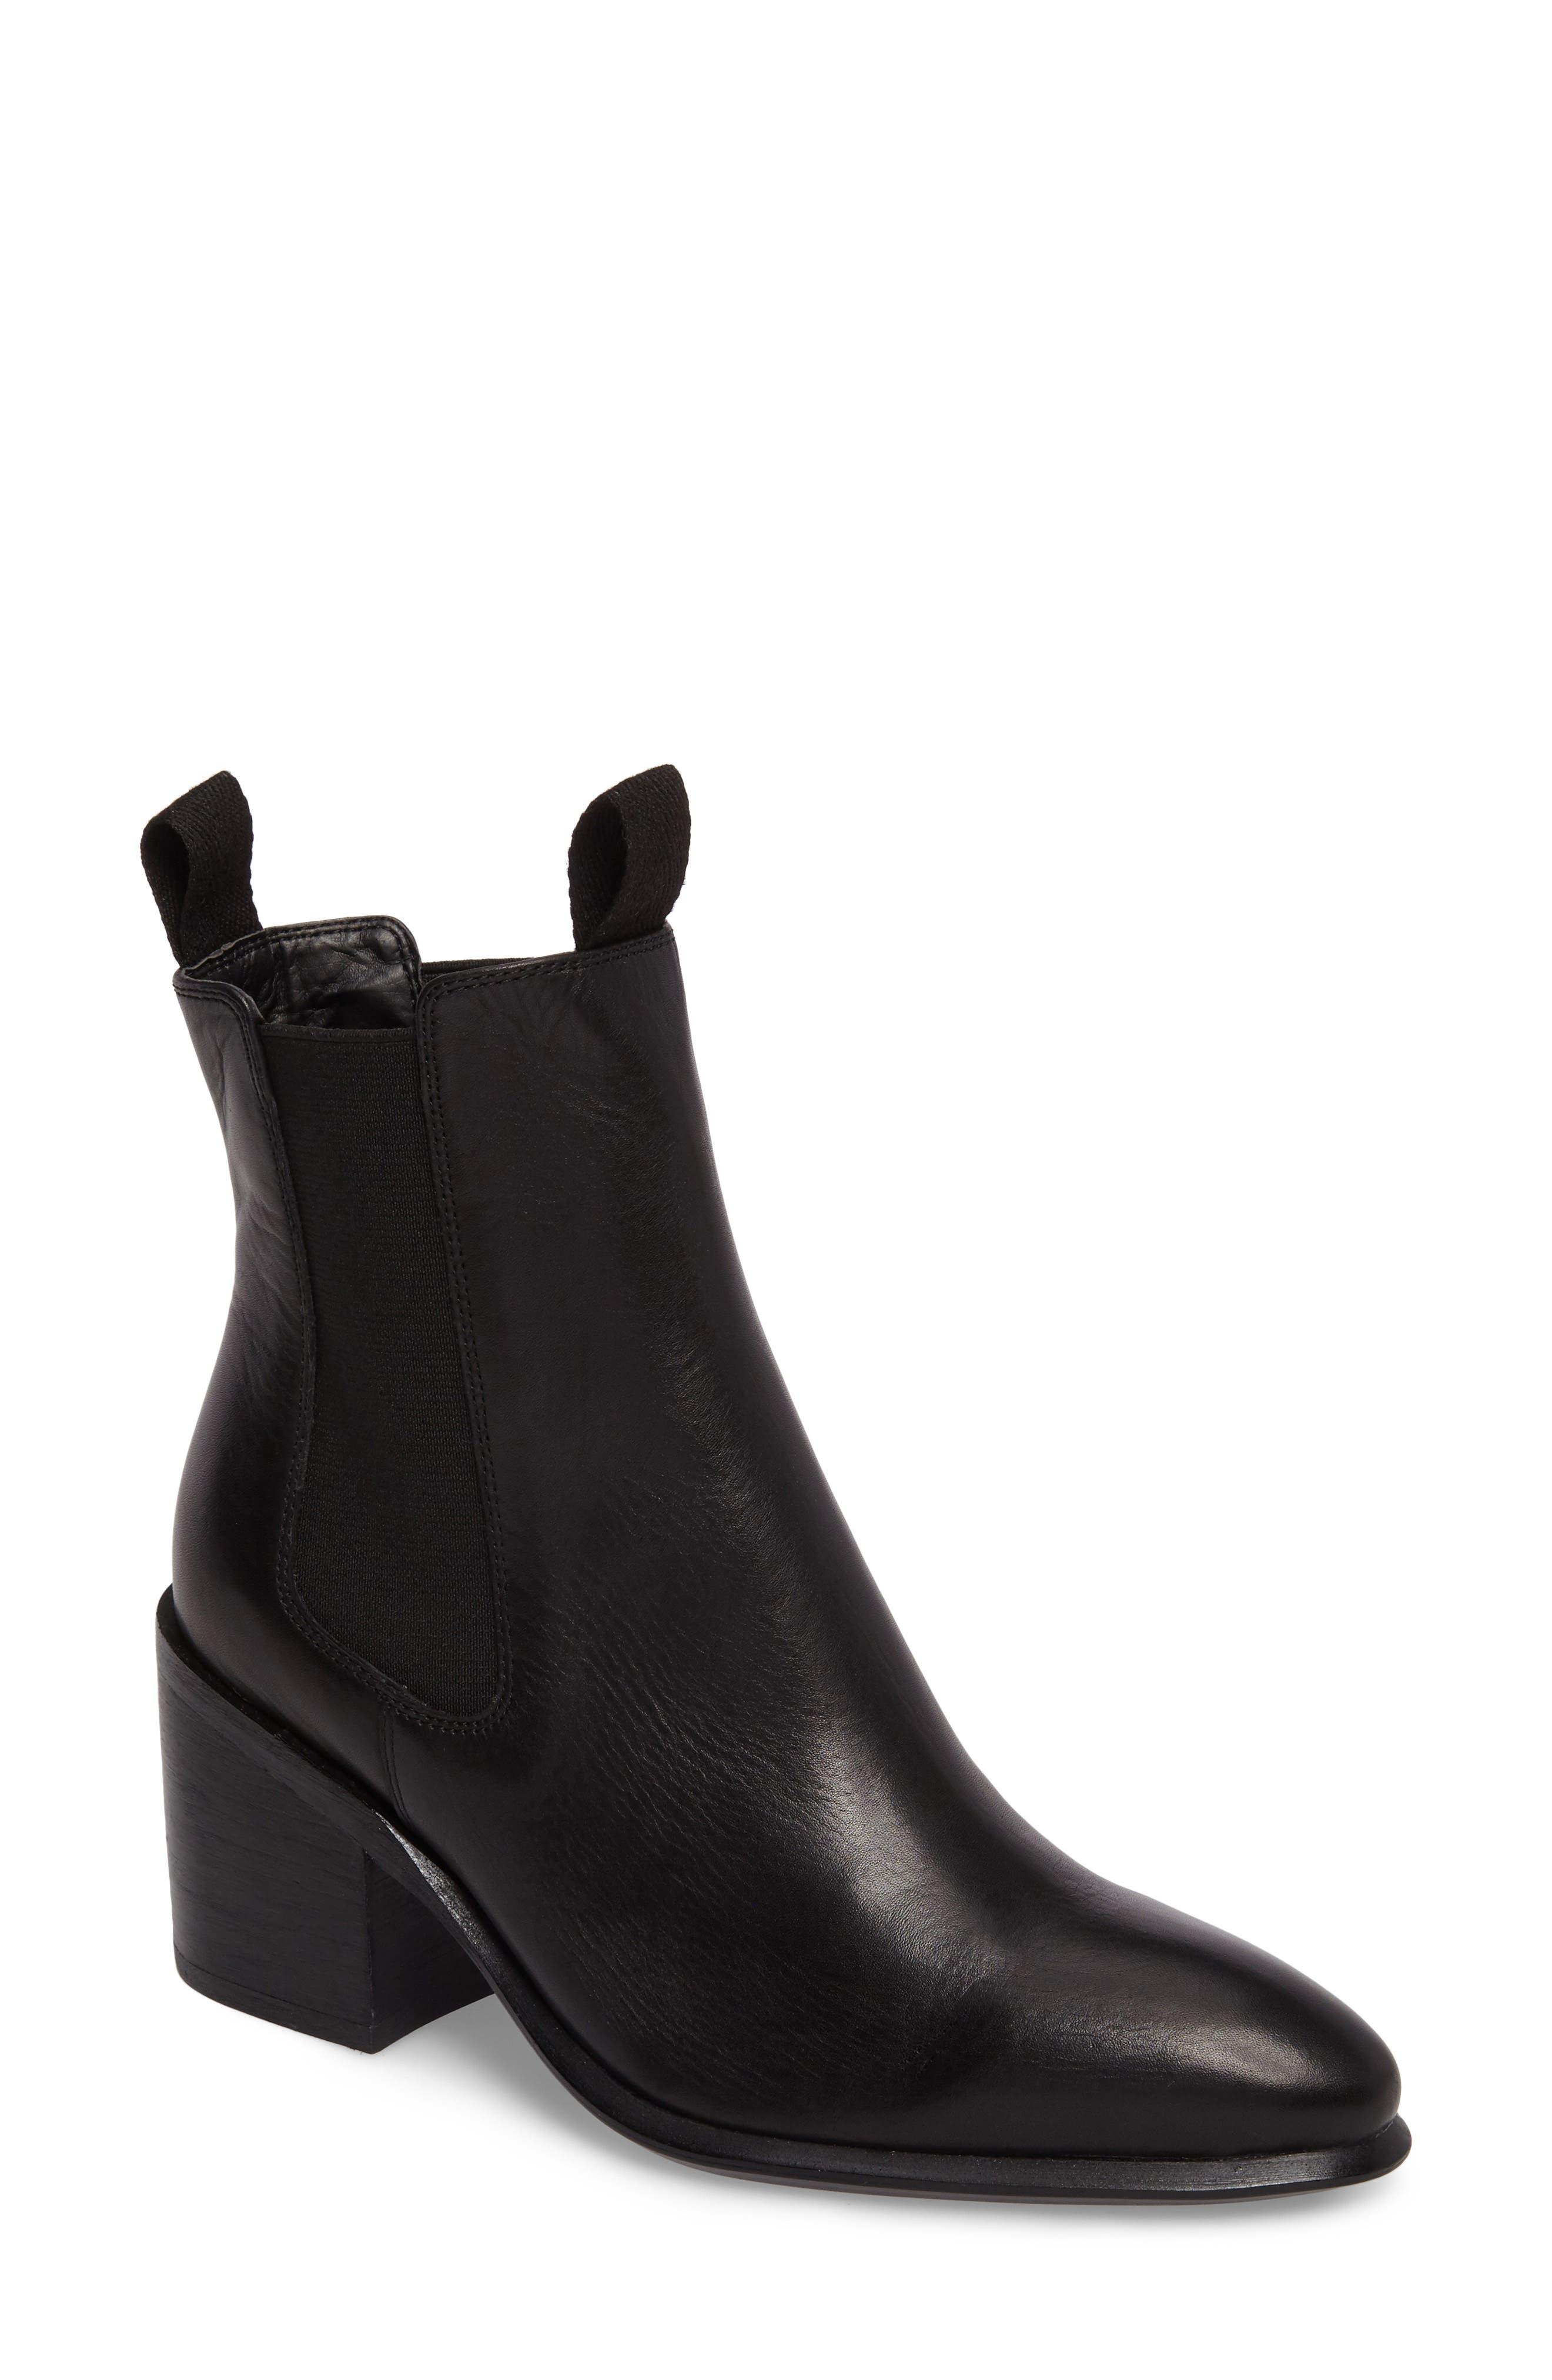 Hampton Bootie,                             Main thumbnail 1, color,                             Black Leather